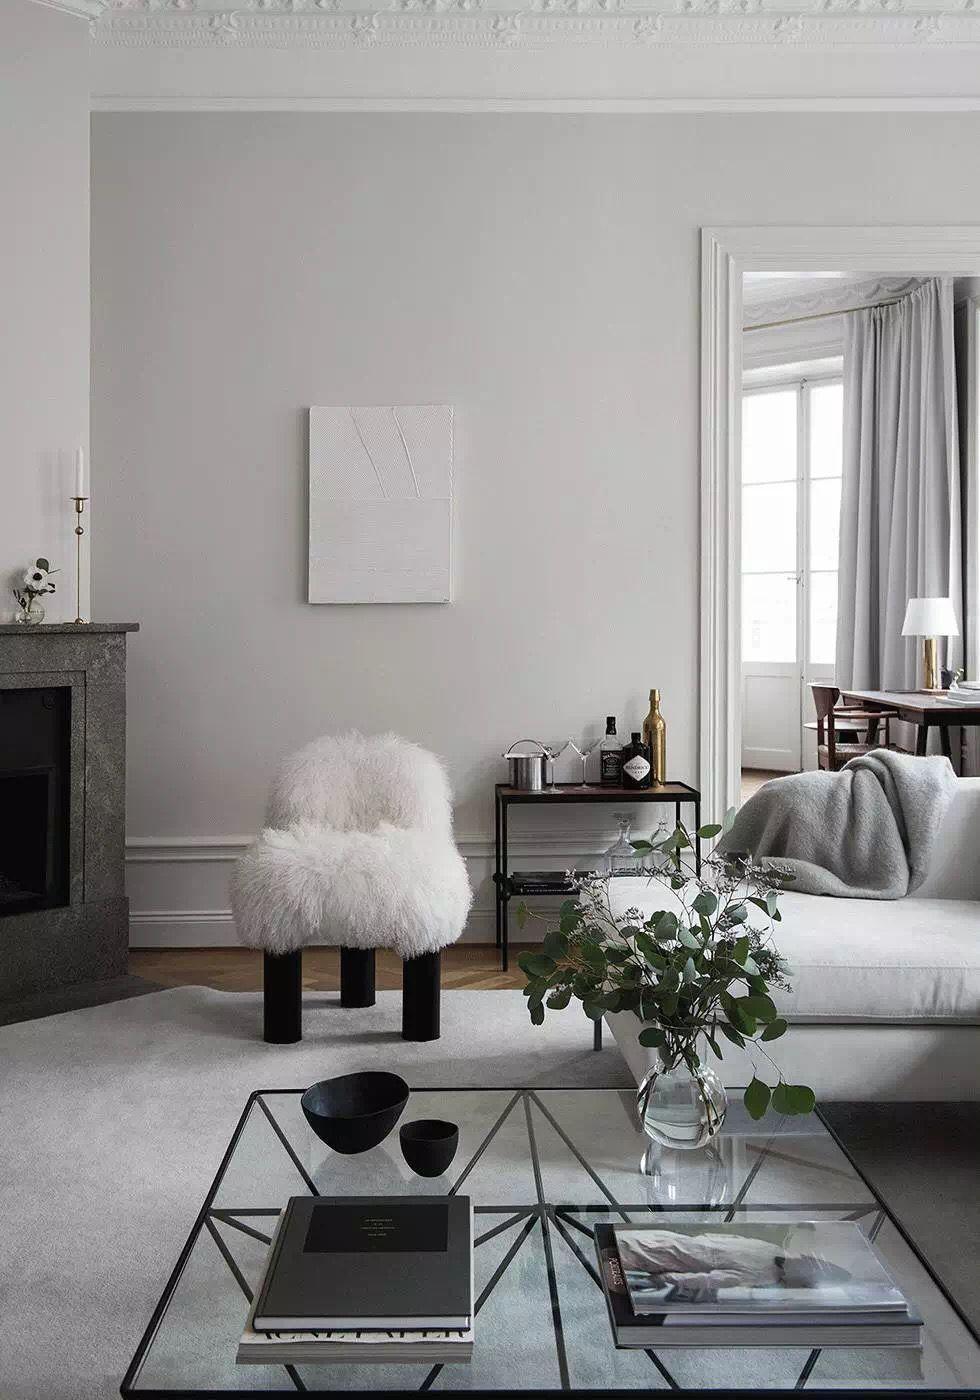 Innenarchitektur wohnzimmer für kleine wohnung pin von selina auf decoration  pinterest  wohnzimmer wohnen und